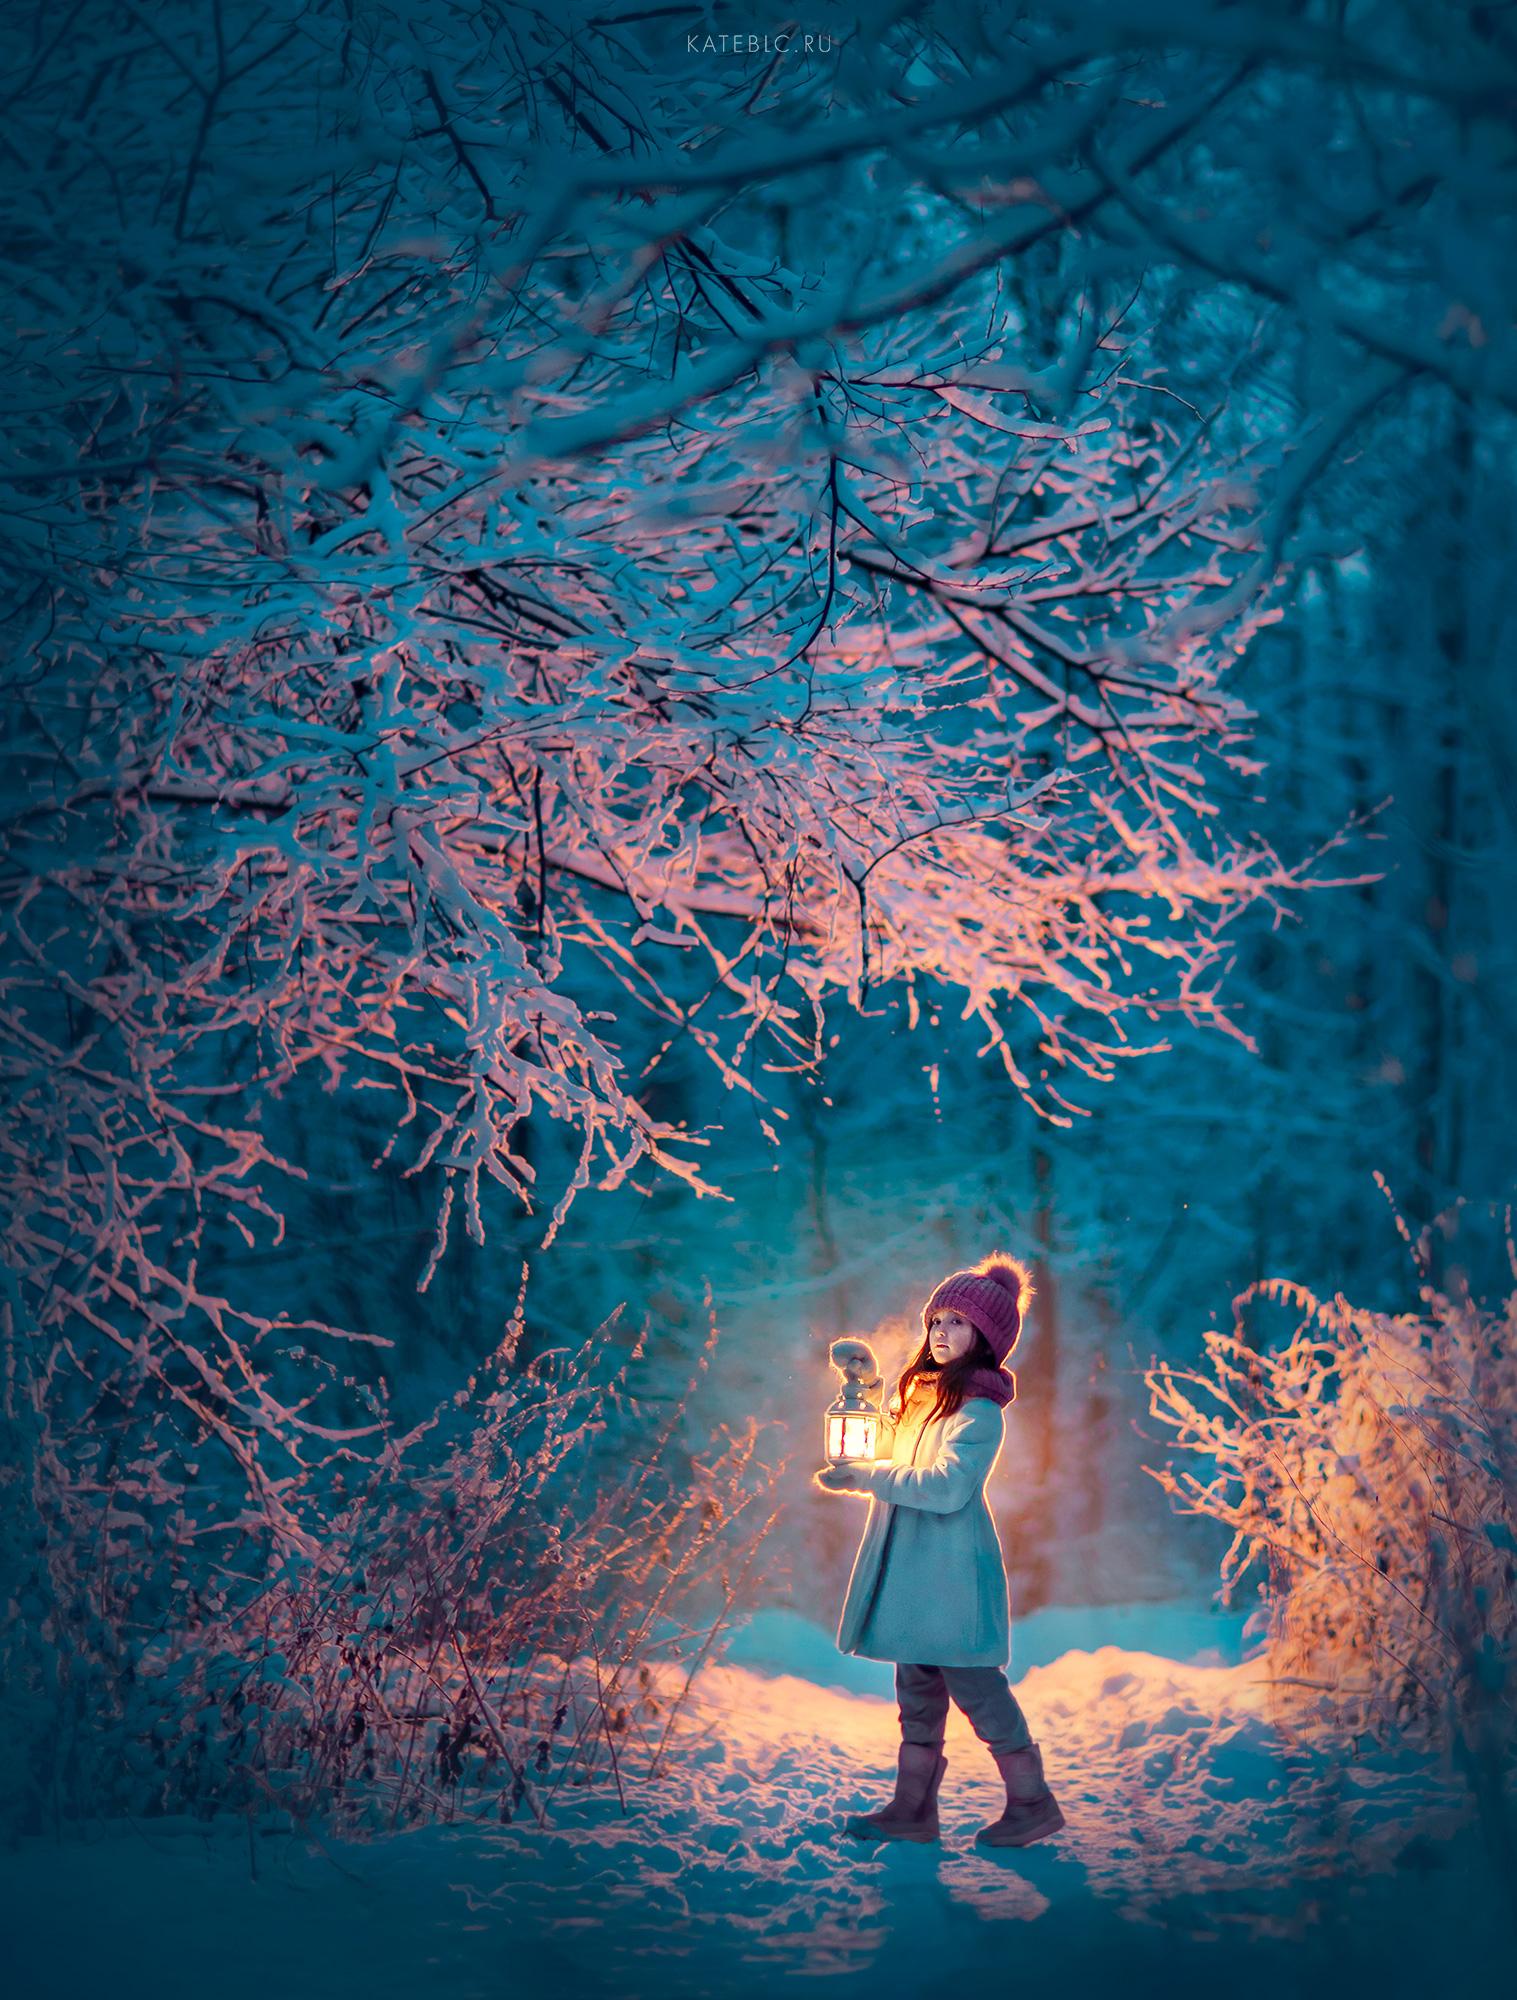 Зимняя волшебная фотосессия для девочки в парке